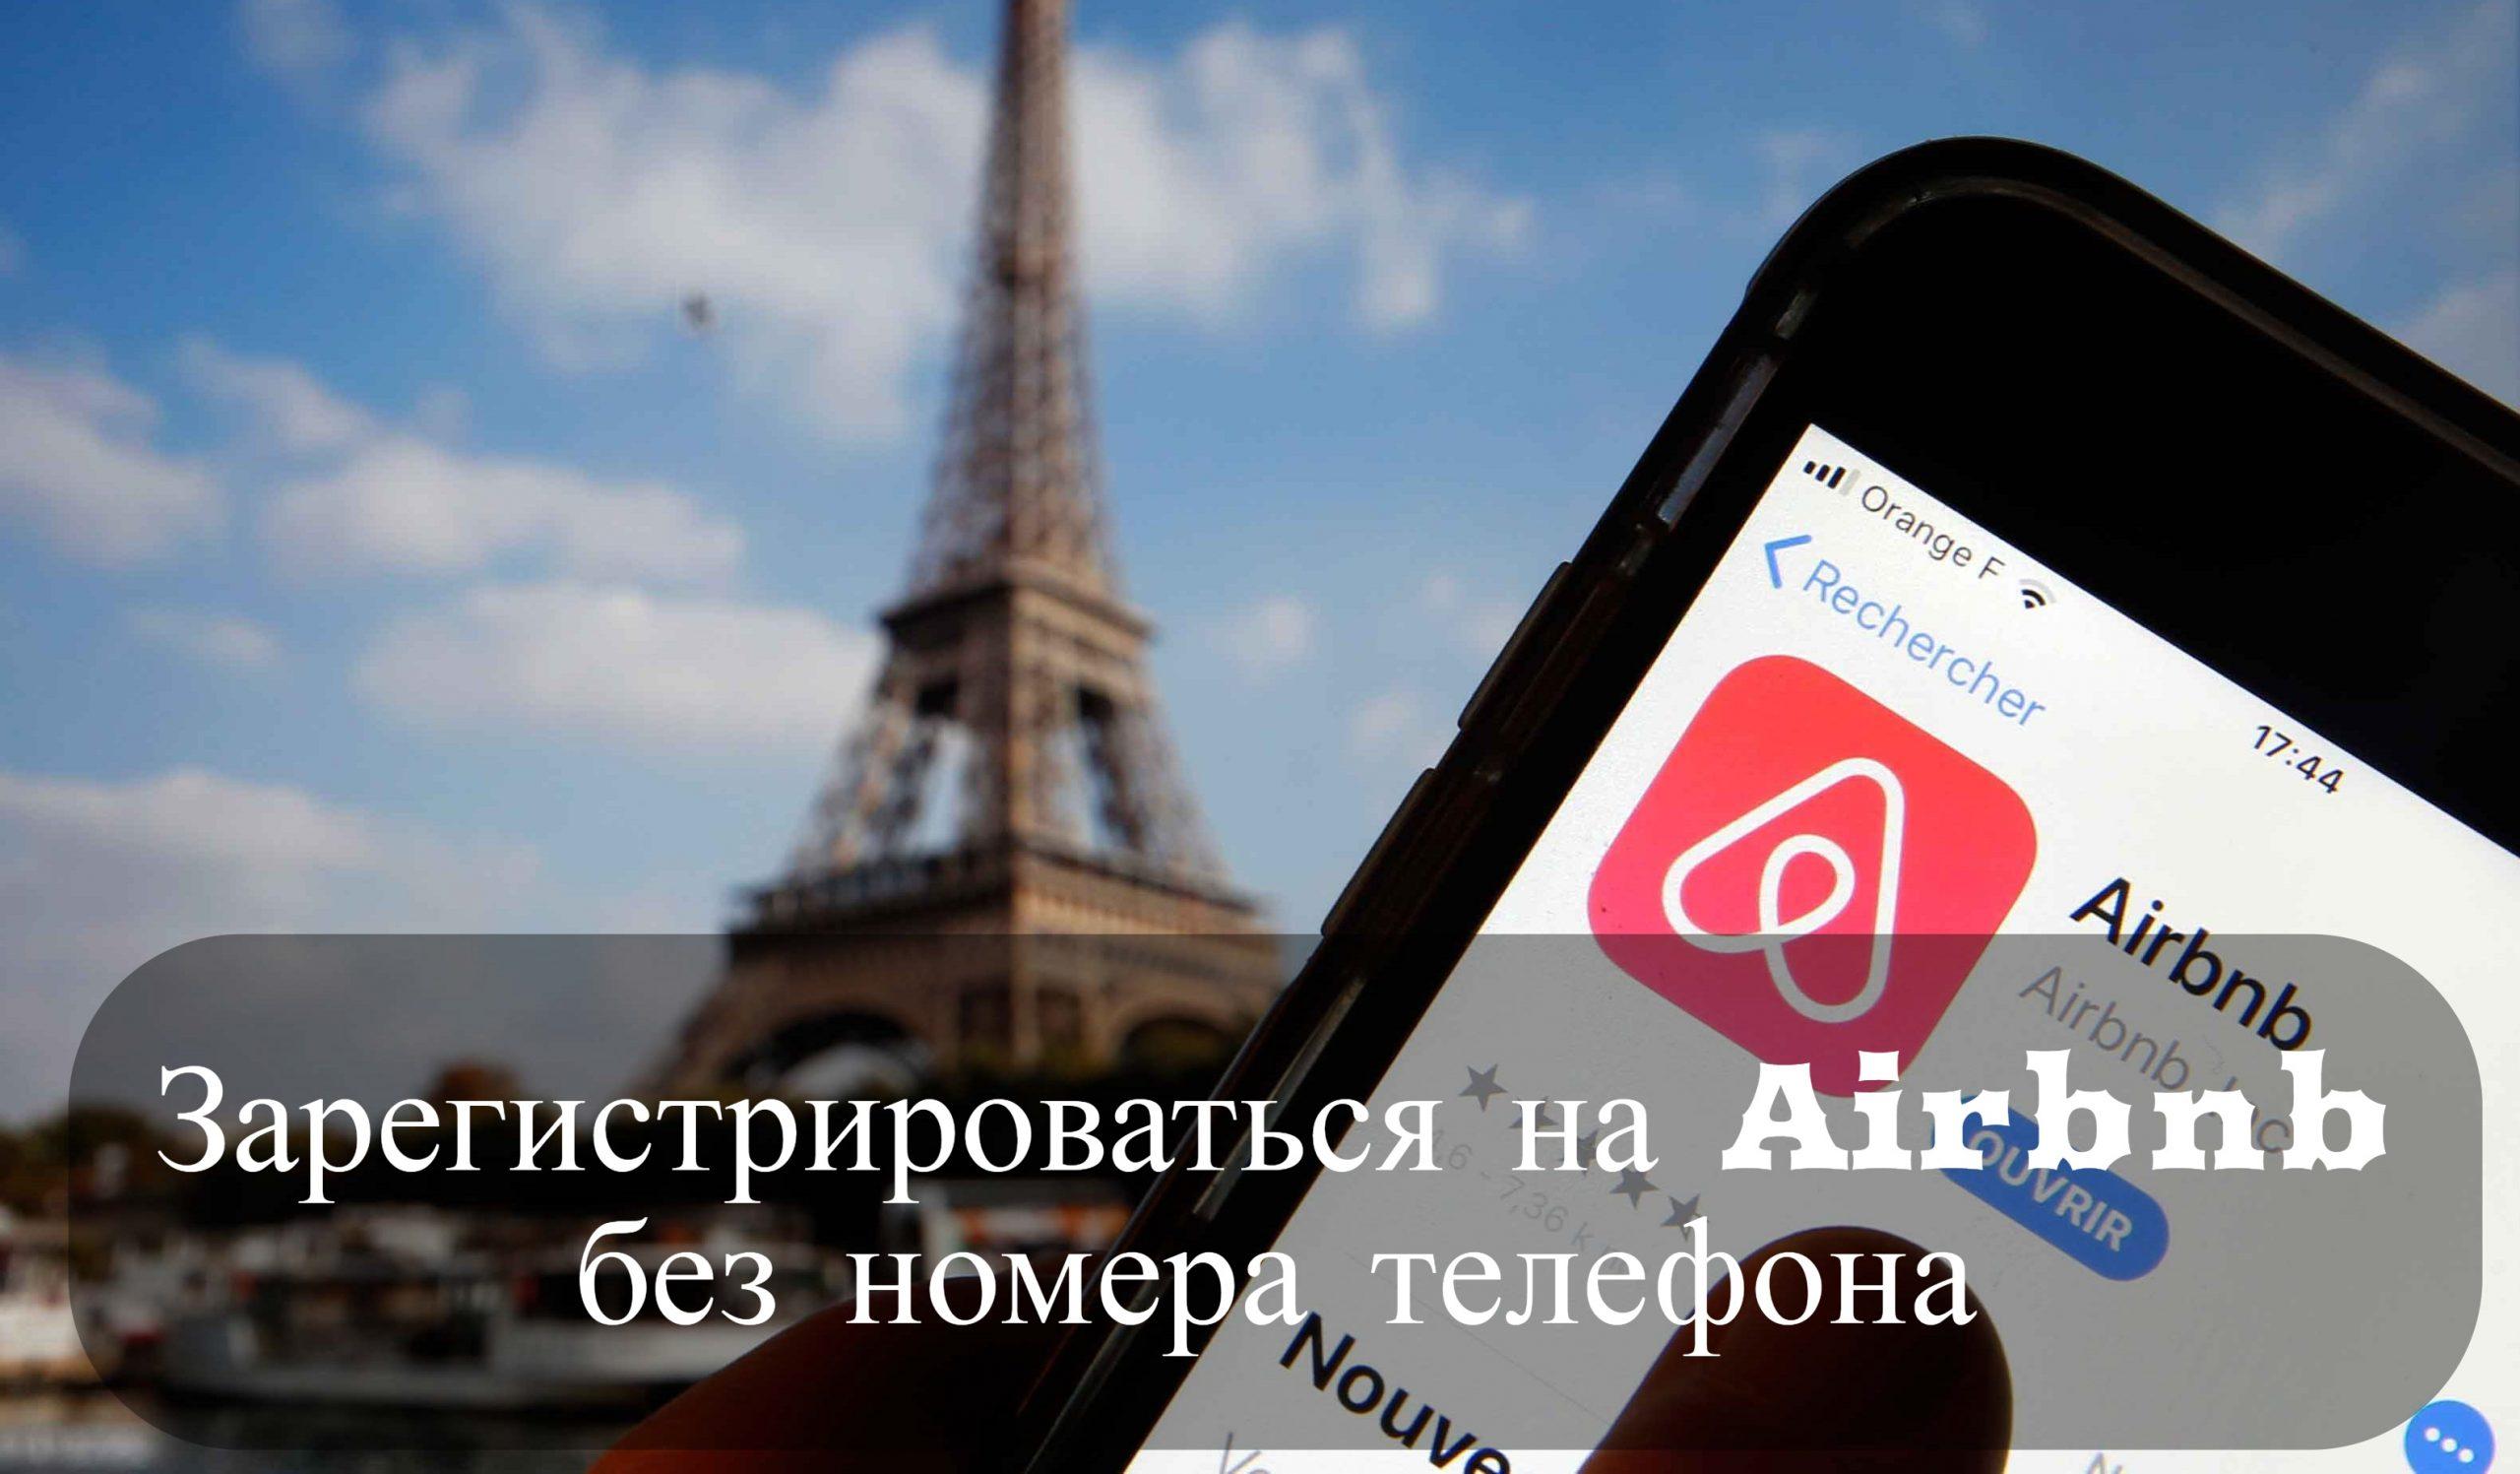 Зарегистрироваться на Airbnb без номера телефона